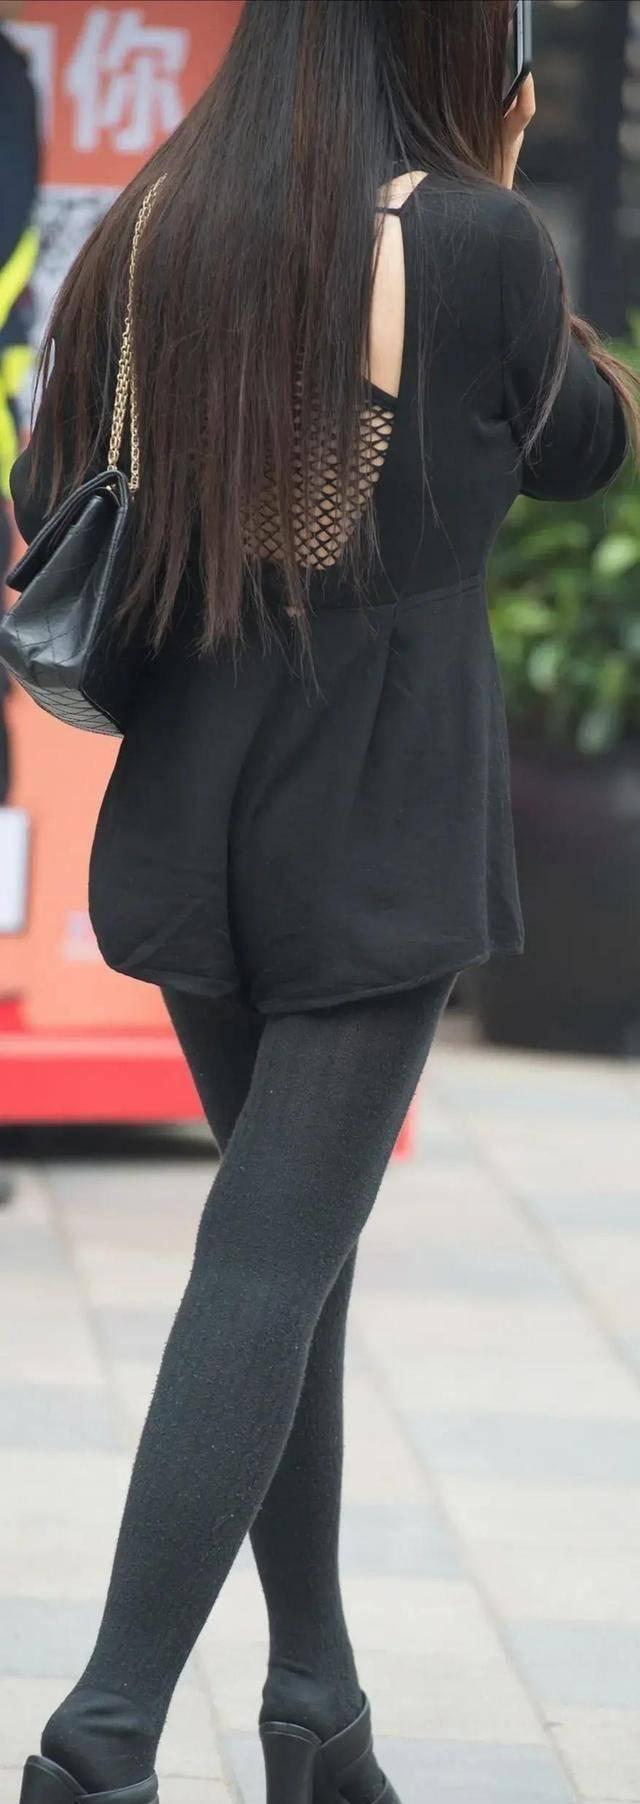 明亮耀眼的打底裤穿出优雅高级感,彰显复古的流行元素,时尚精致